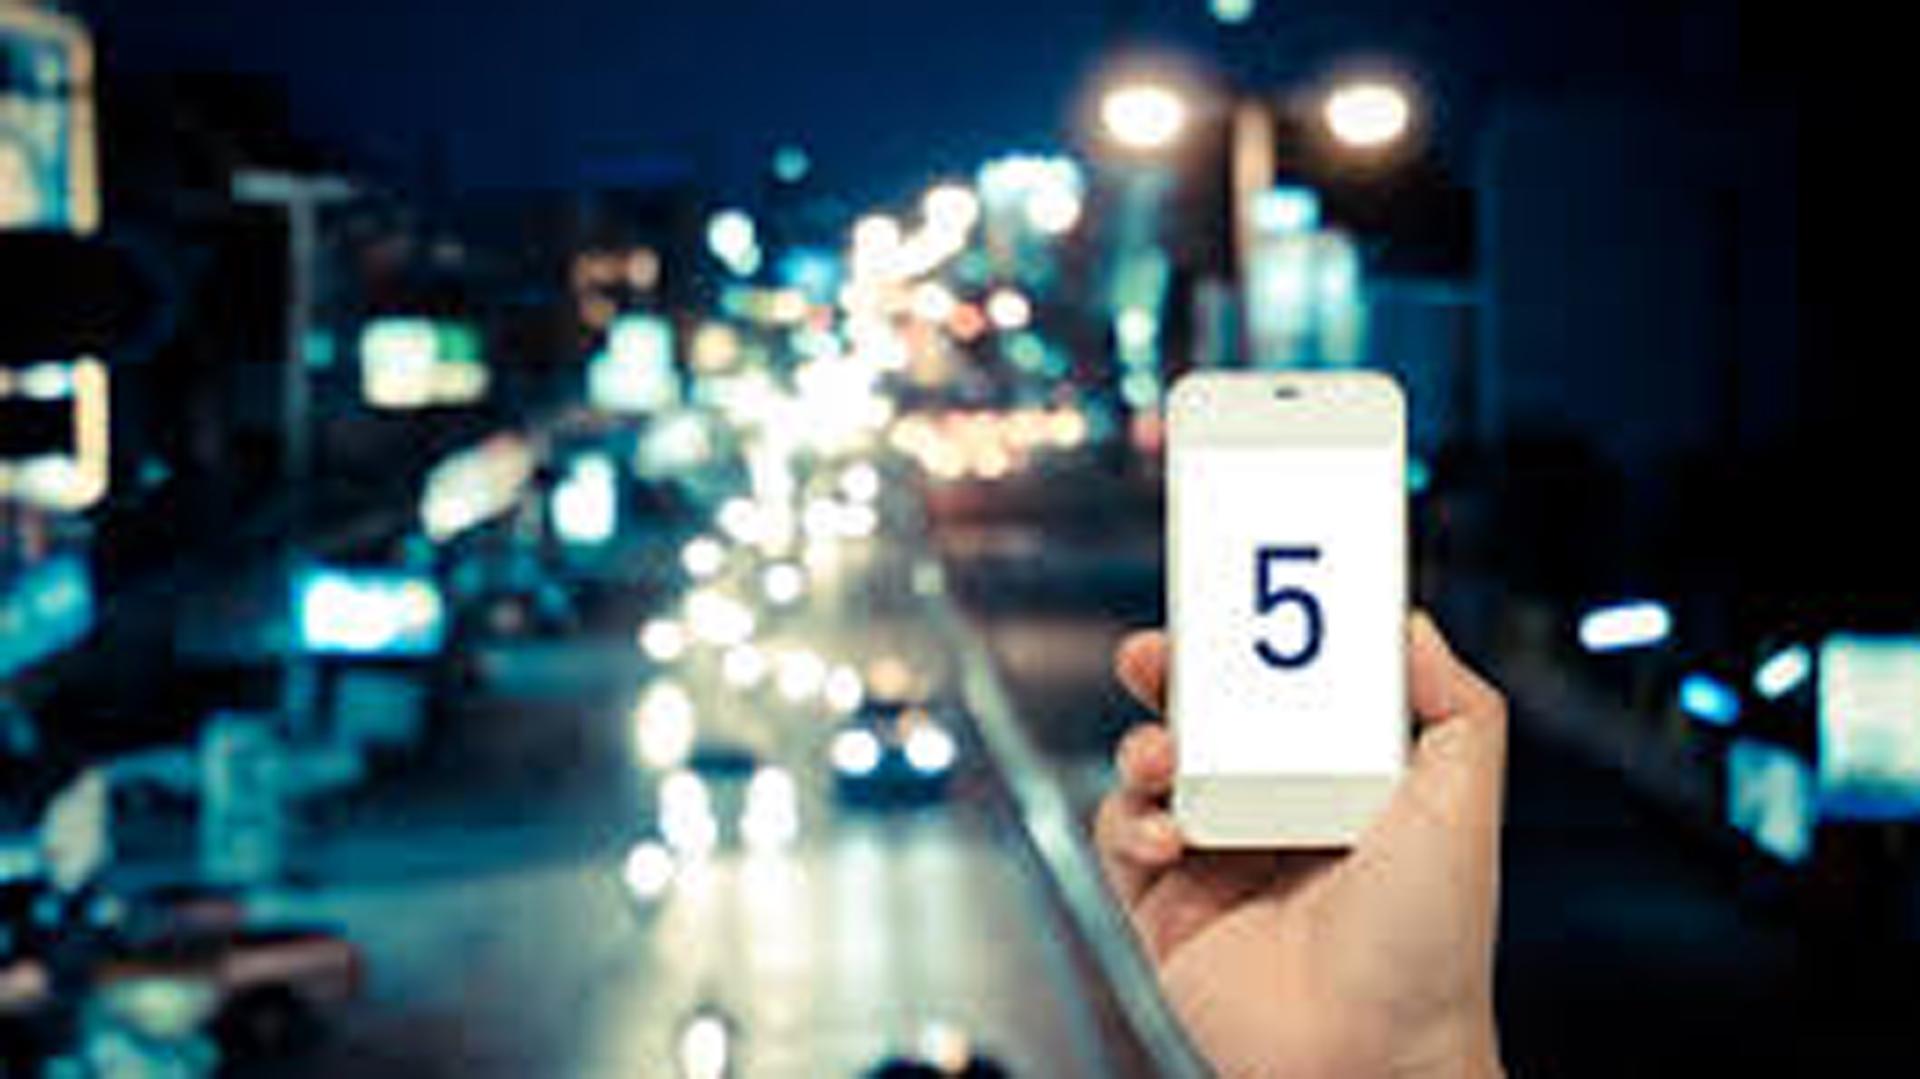 Las 10 tendencias tecnológicas que marcarán el rumbo en 2019